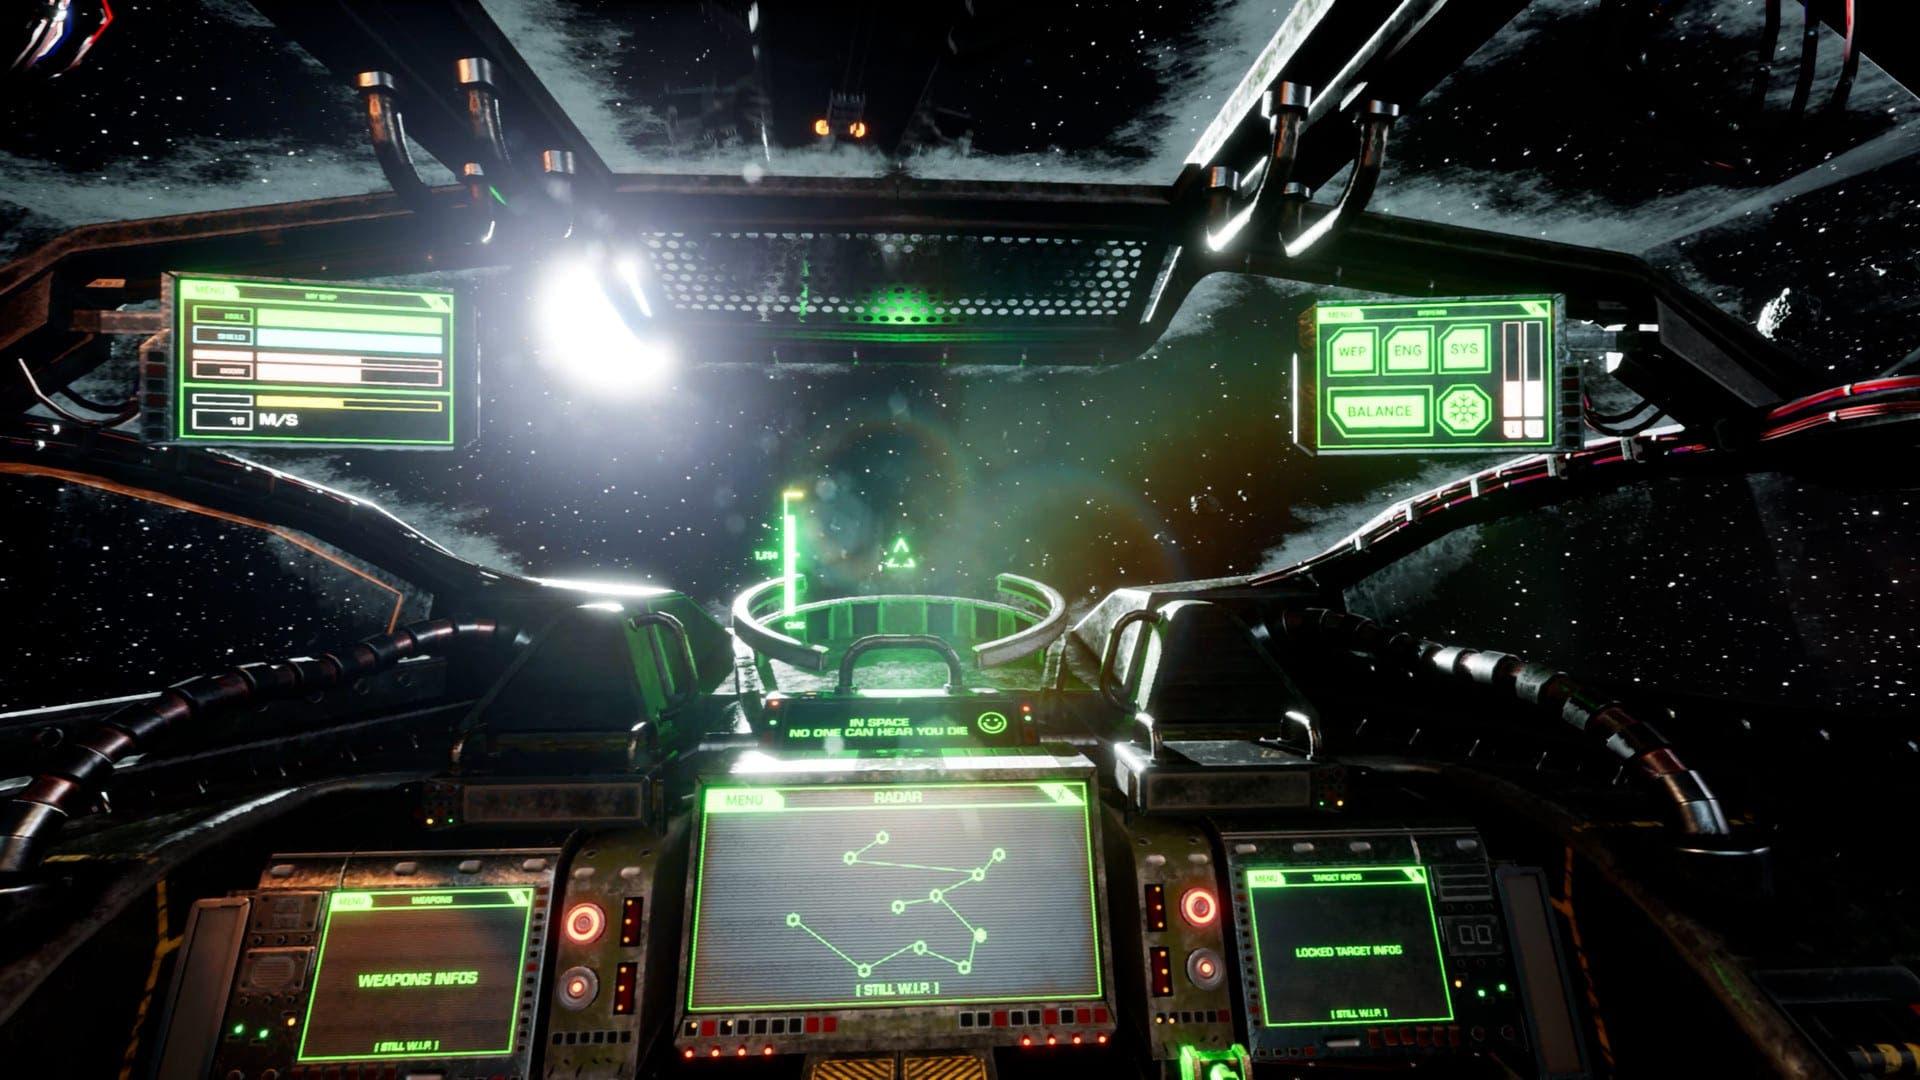 La mezcla de terror y combates espaciales de Haunted Space llegará a Xbox Series X|S 2